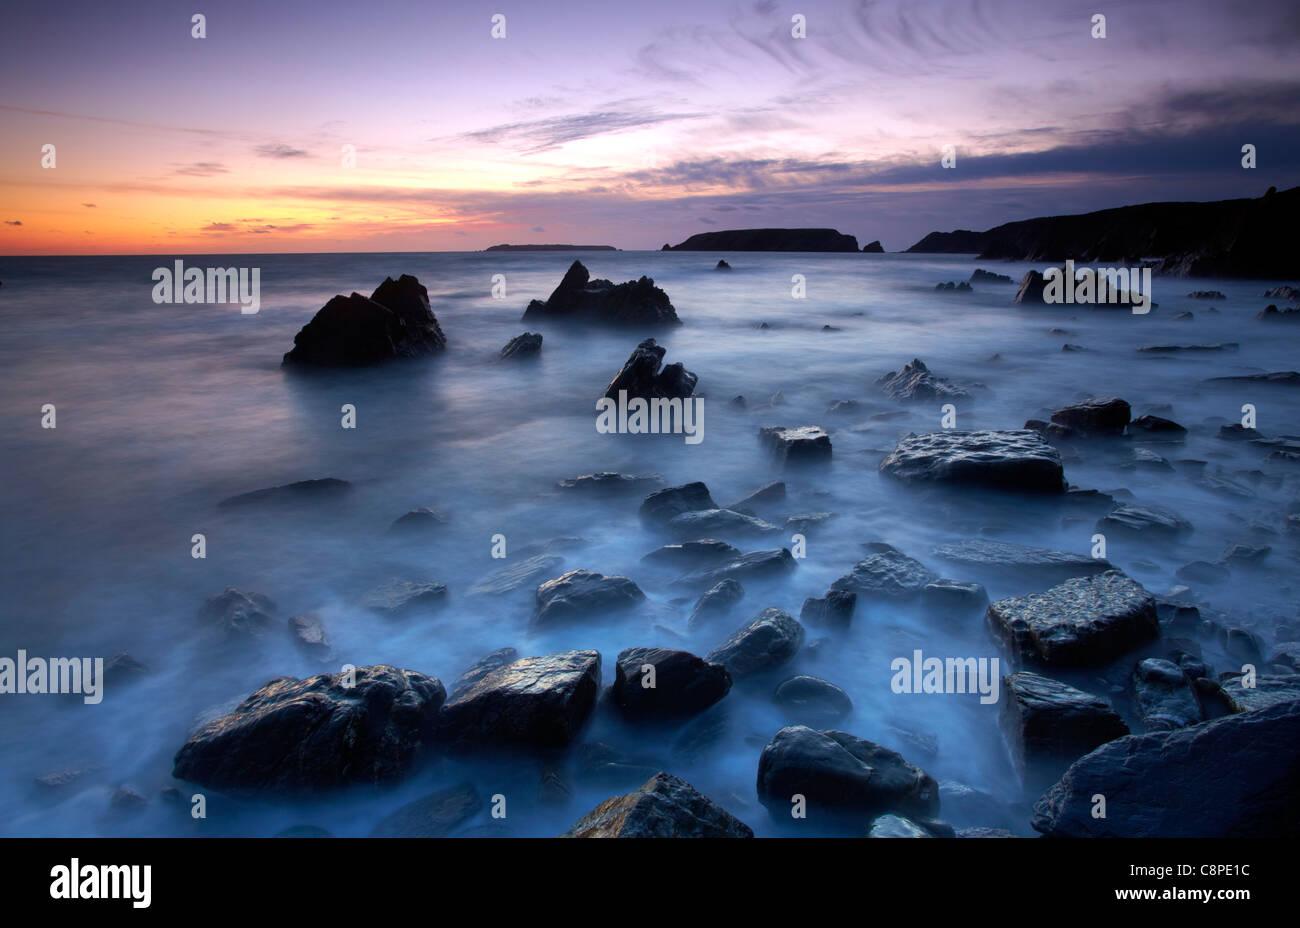 Crépuscule à Marloes, regard vers Gateholm Skokholm et îles, Pembrokeshire, Pays de Galles de l'Ouest. Photo Stock